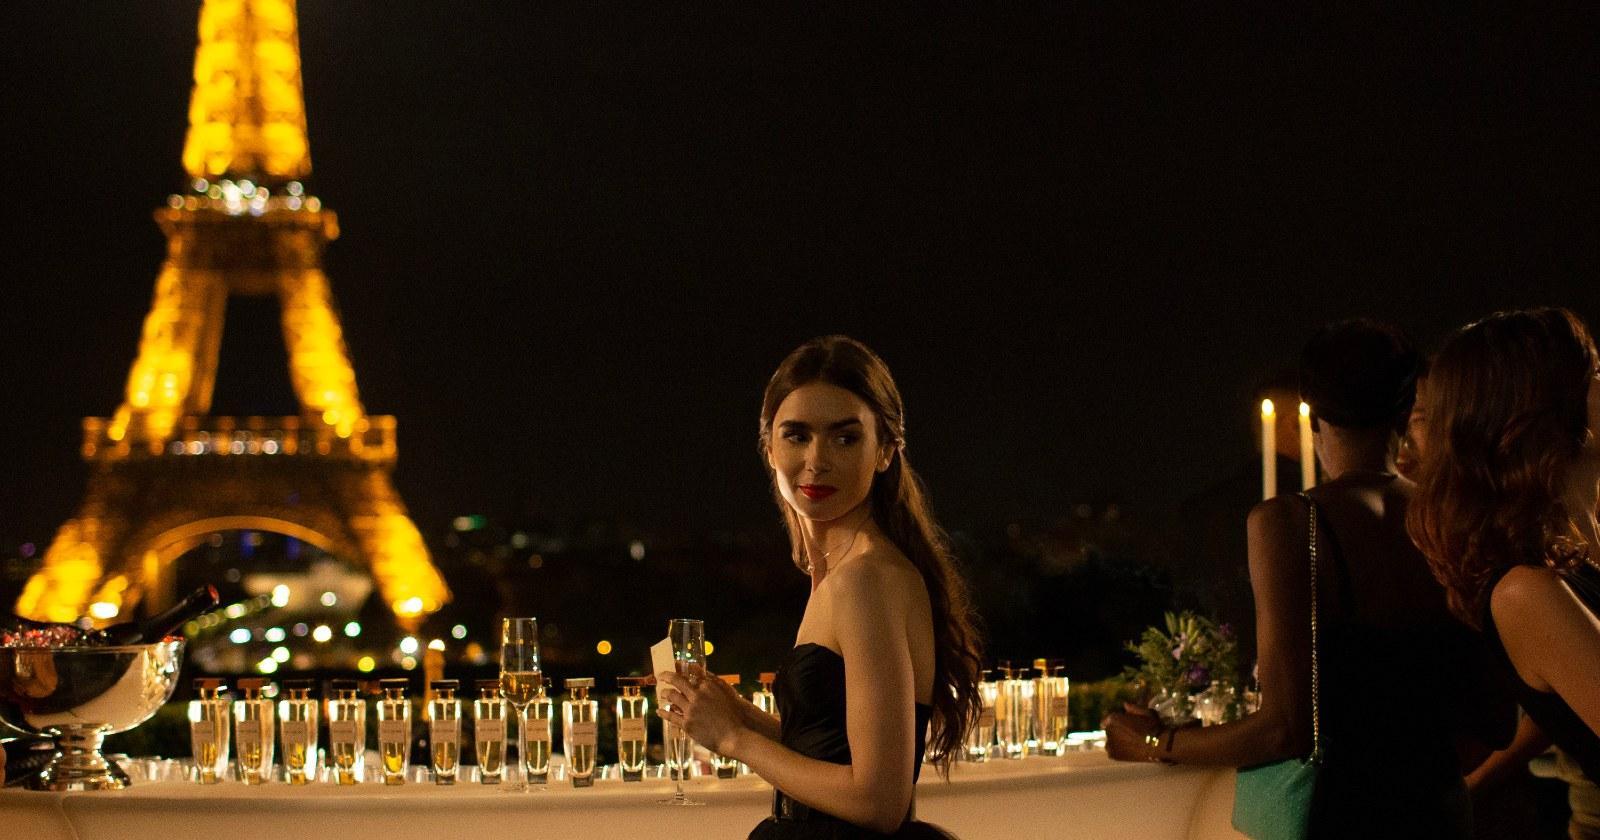 Lily Collins como Emily en París en una fiesta de gala nocturna con una copa de espumante en su mano y la Torre Eiffel con sus luces encendidas de fondo